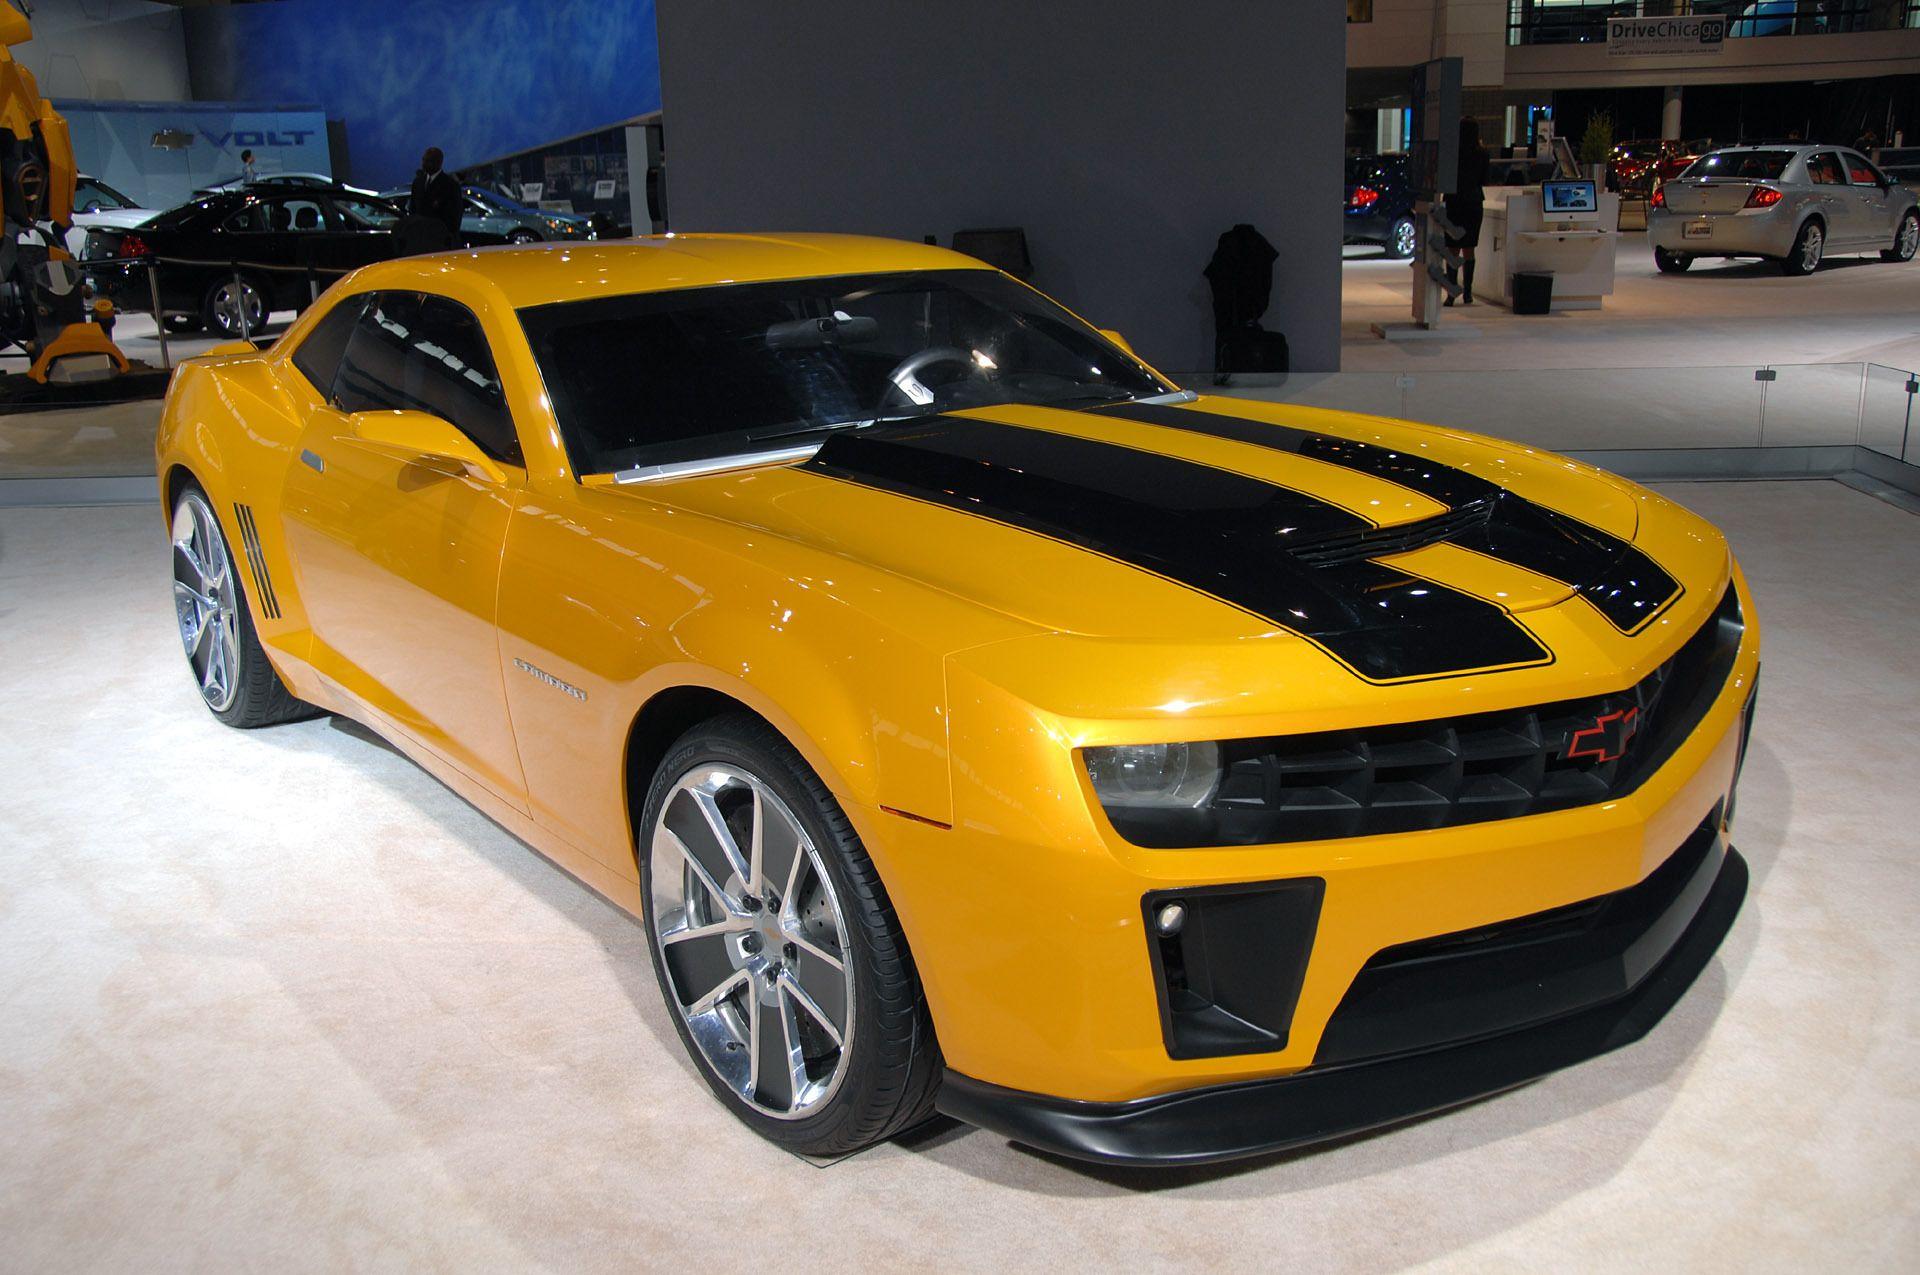 Kekurangan Chevrolet Camaro Transformers Perbandingan Harga